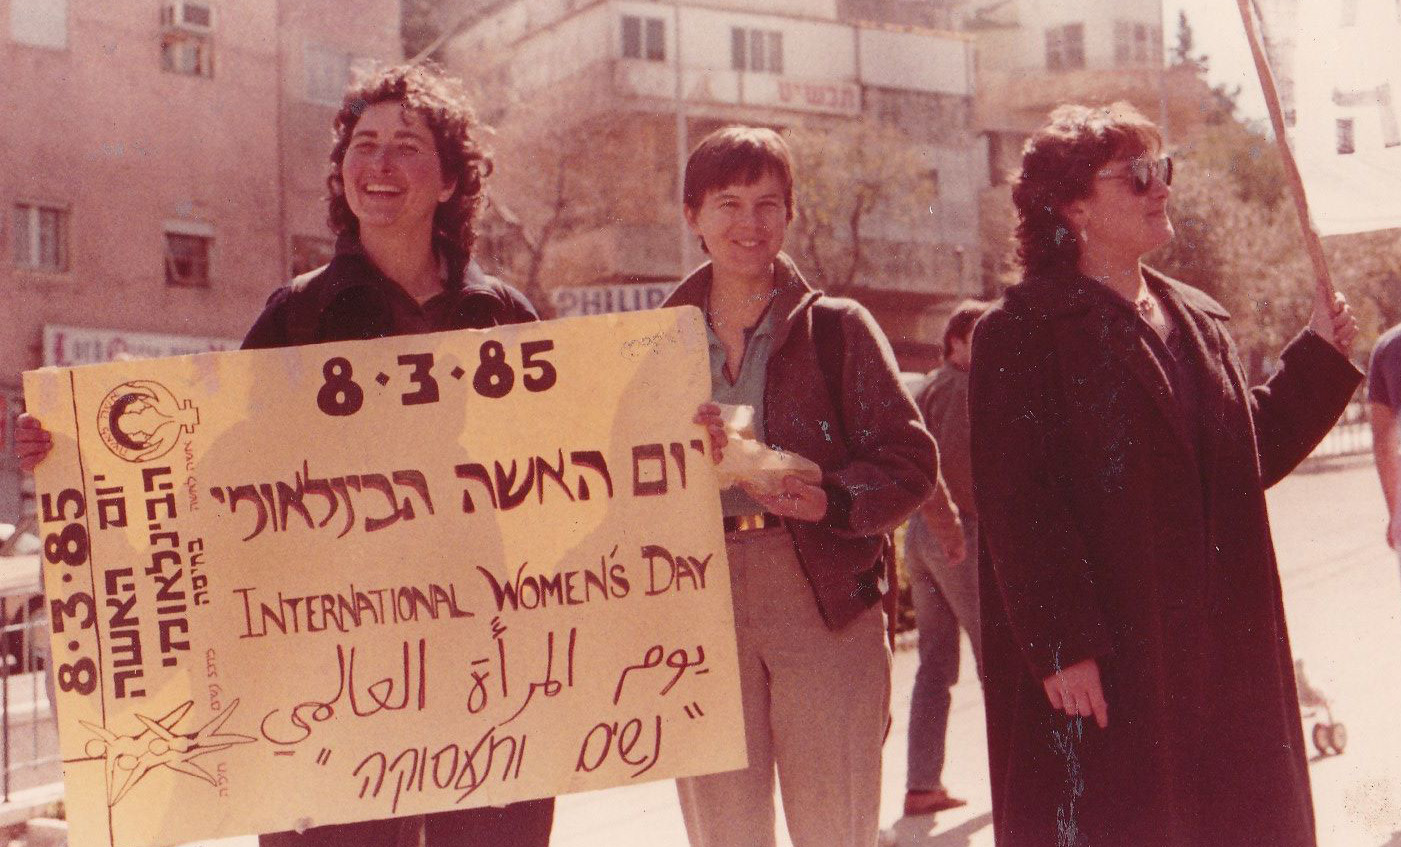 הפגנה לרגל יום האשה הבין לאומי (צילום: באדיבות ארכיון אשה לאשה)